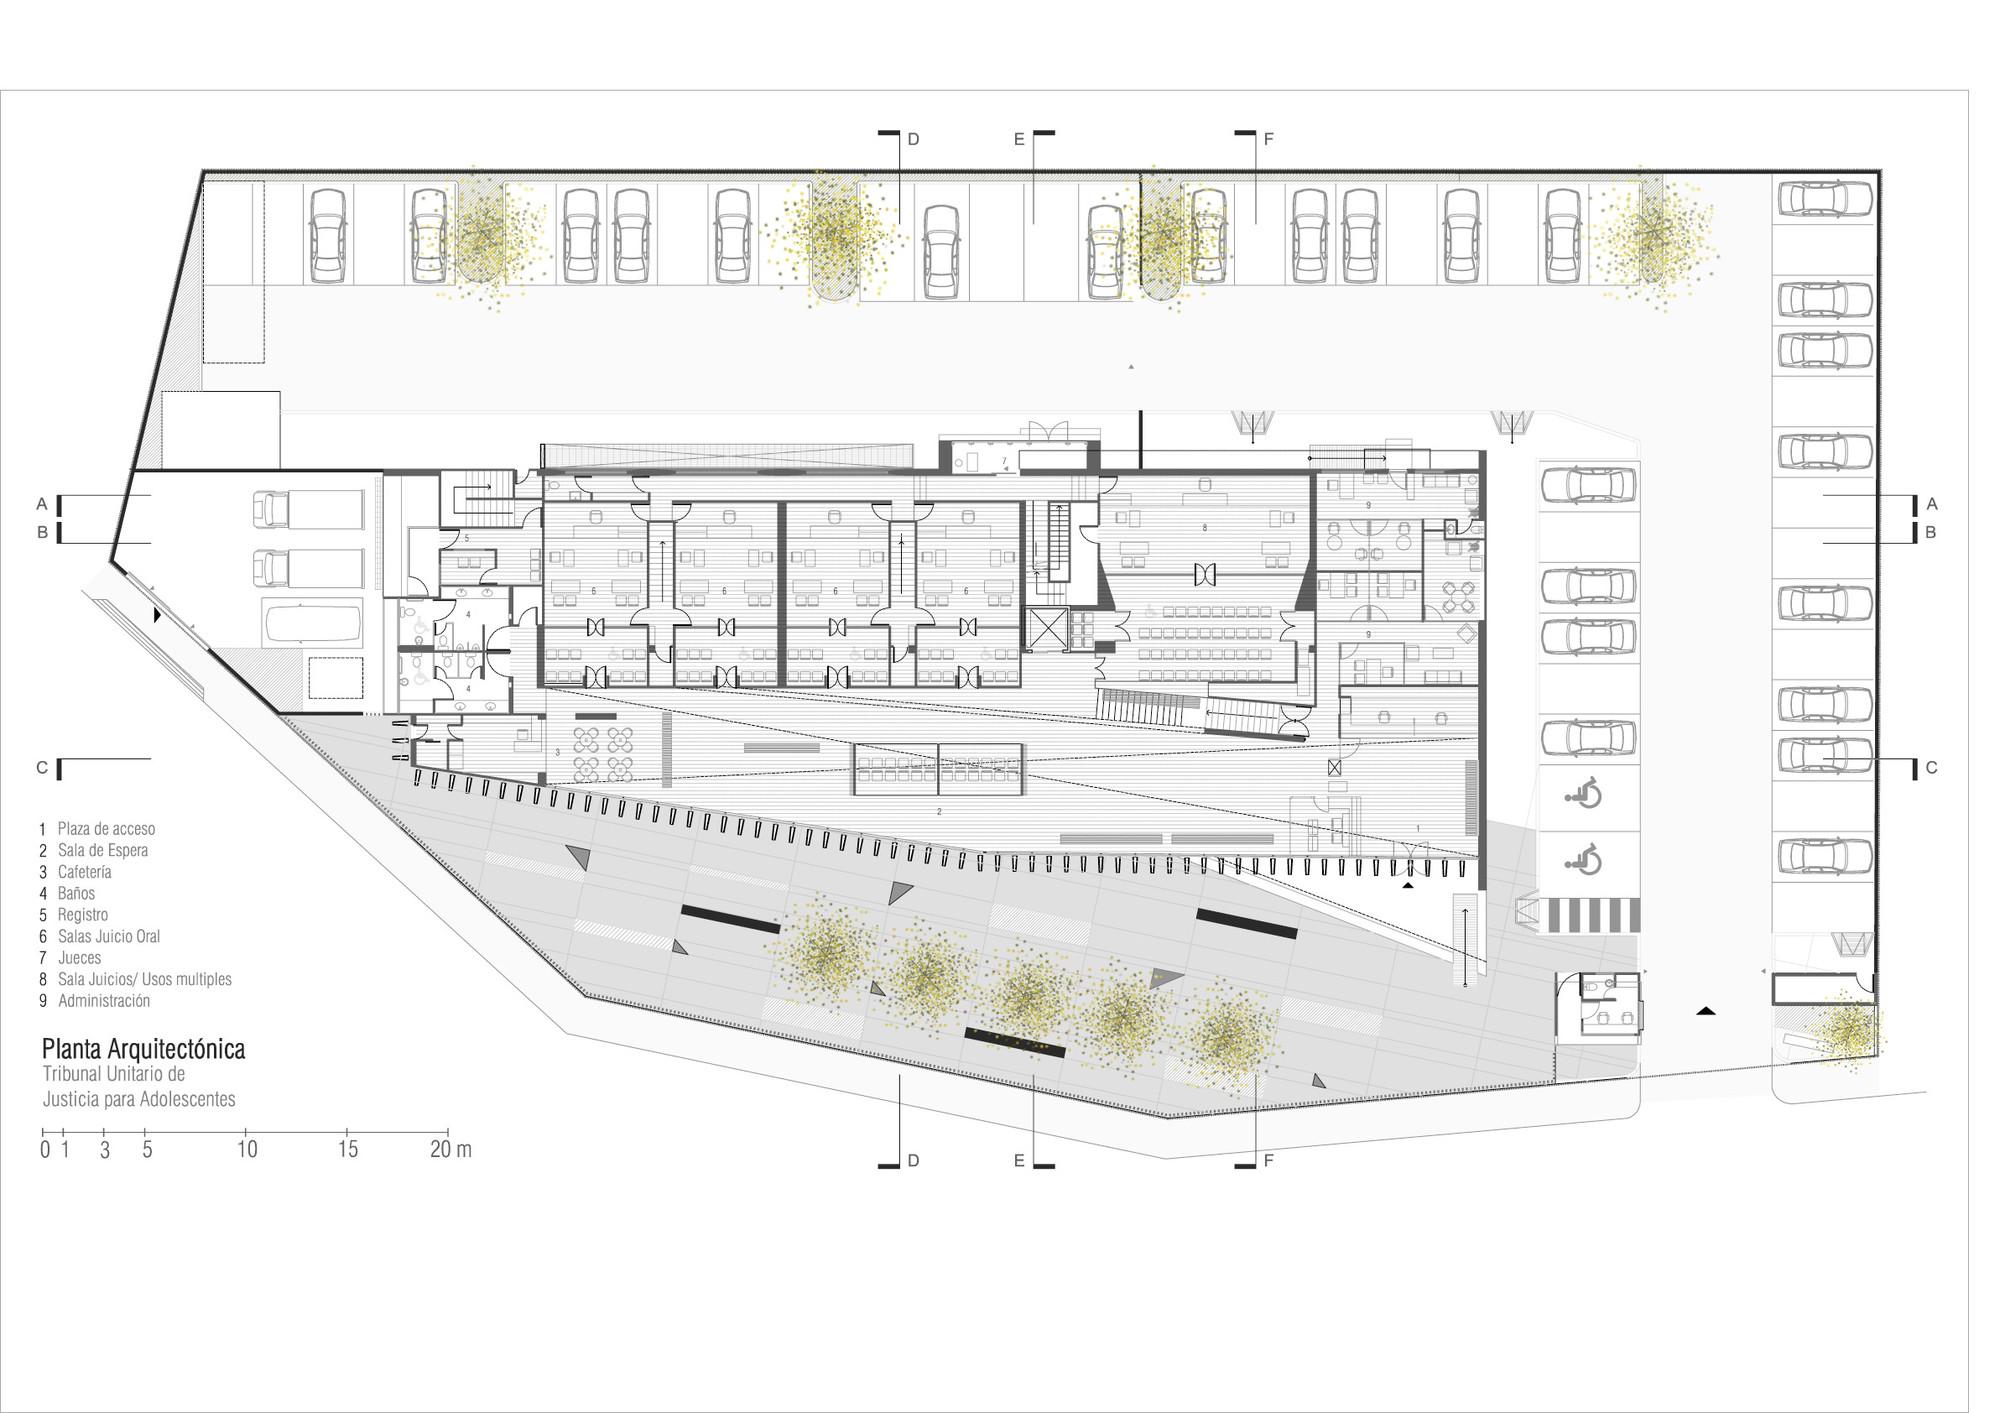 Tribunal Unitario de Justicia para Adolescentes del Estado de Morelos / Dionne Arquitectos + Adaptable arquitectura y diseño